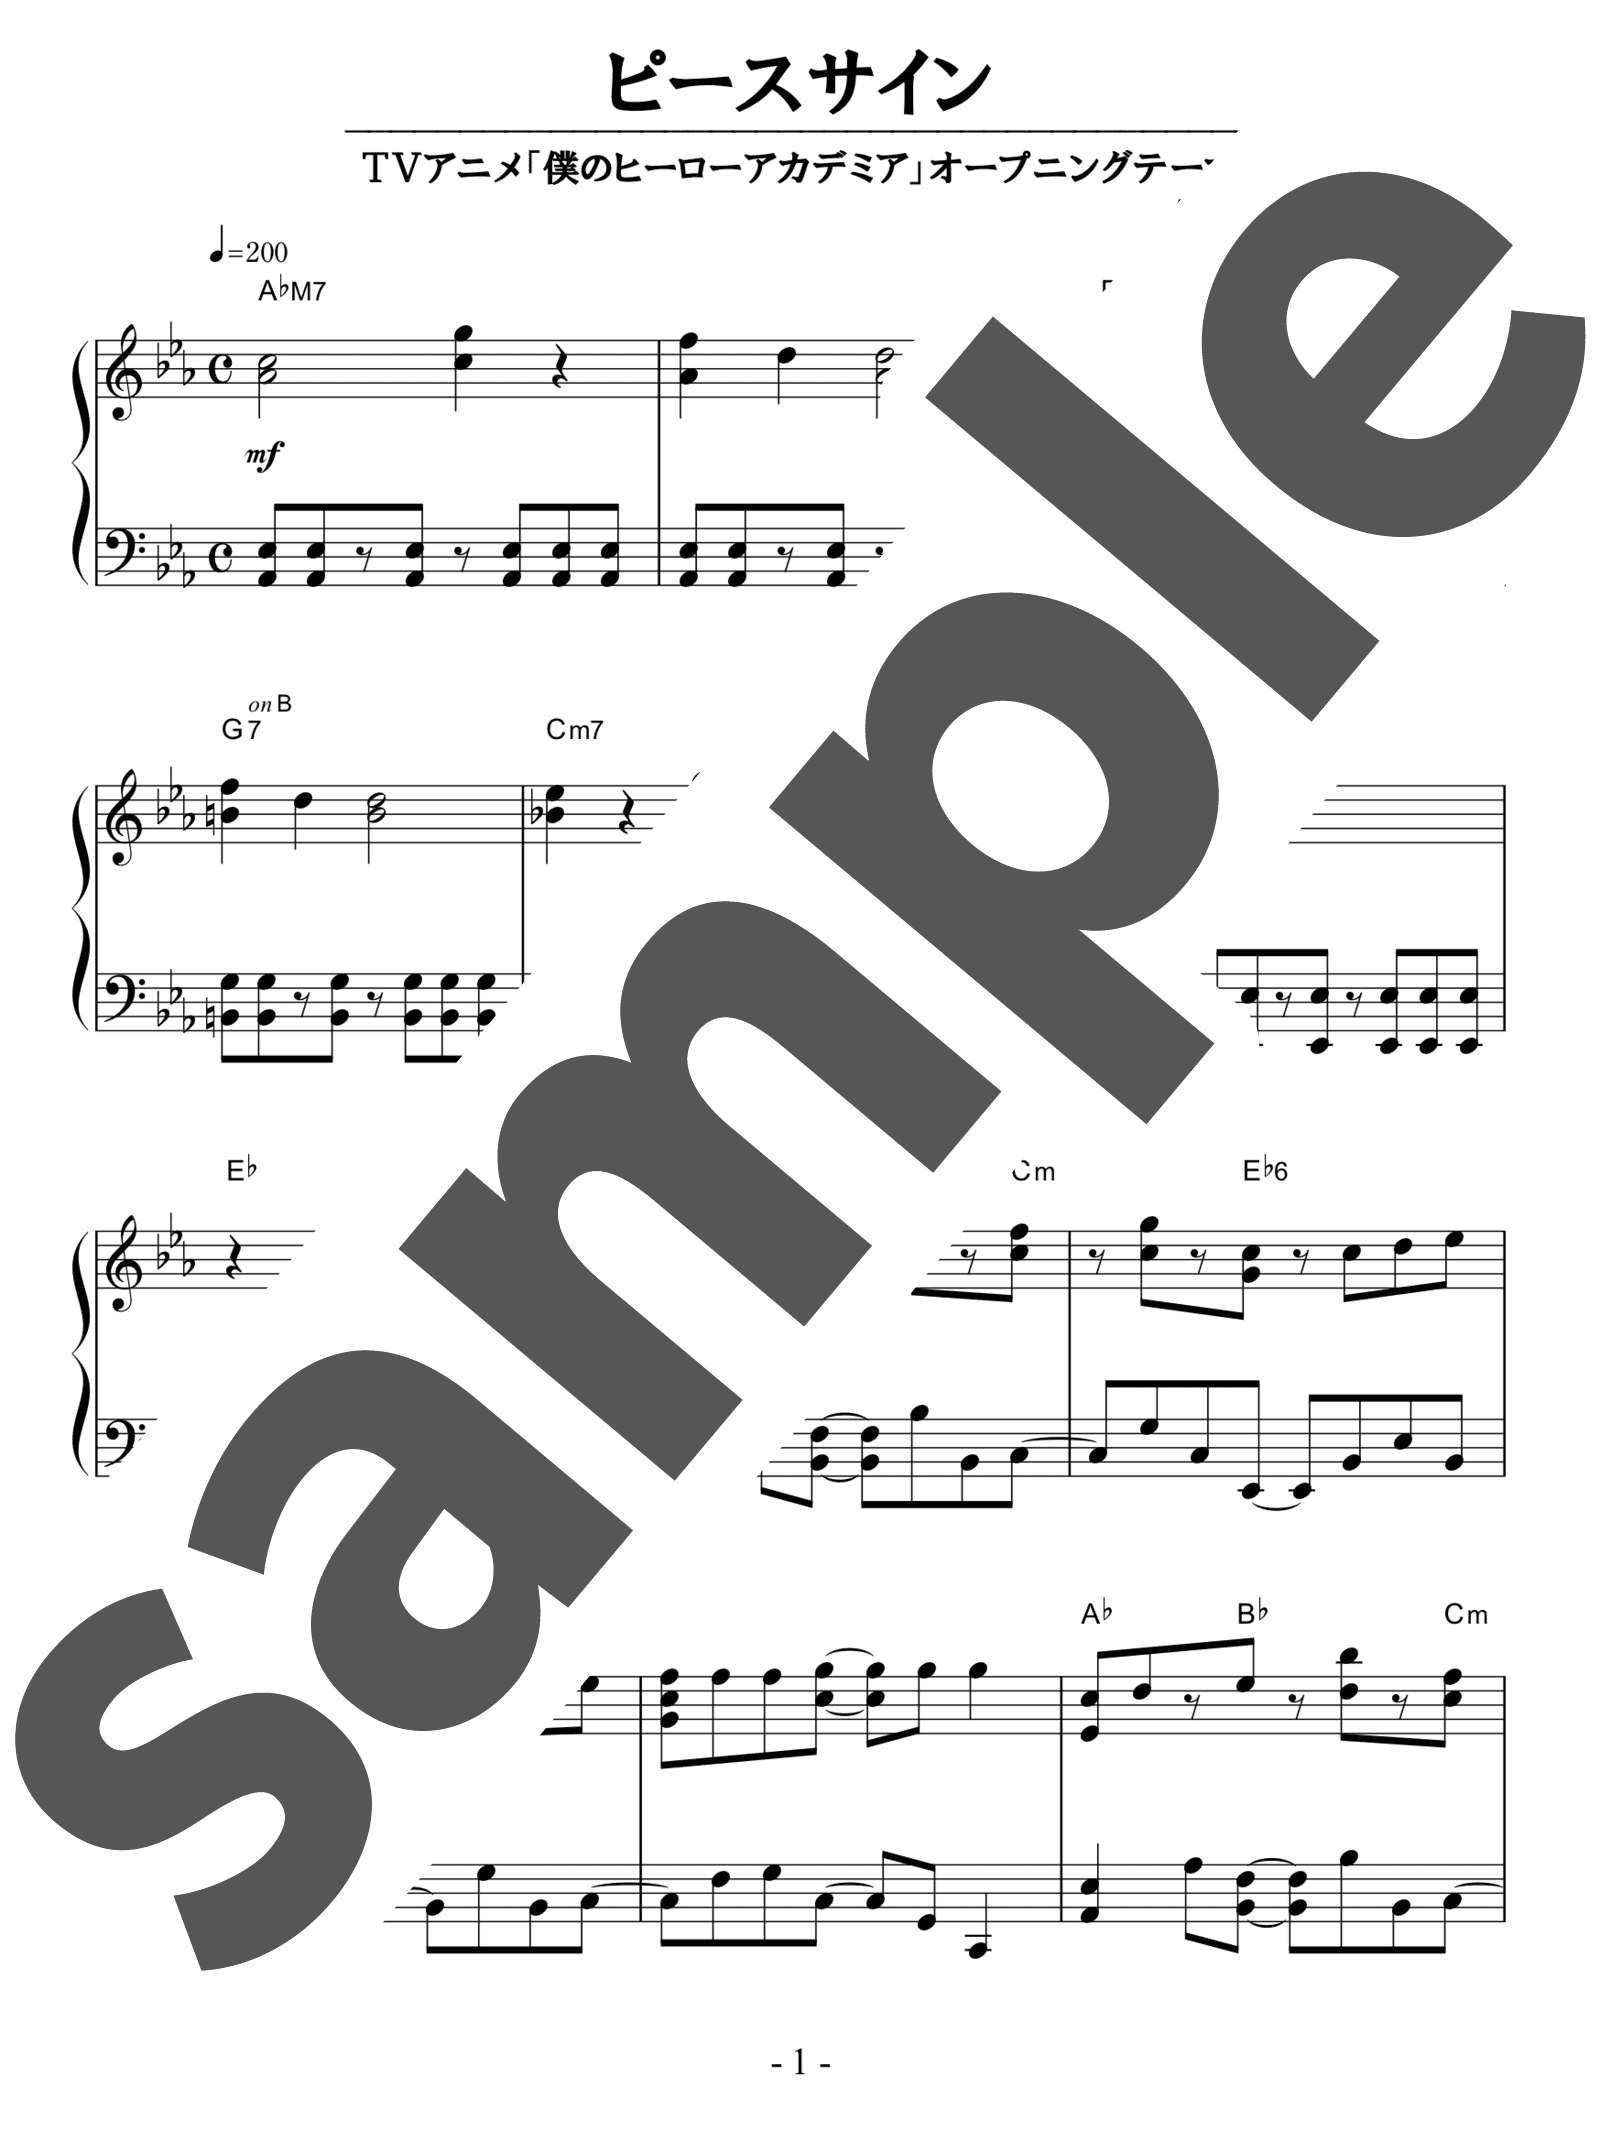 「ピースサイン」のサンプル楽譜